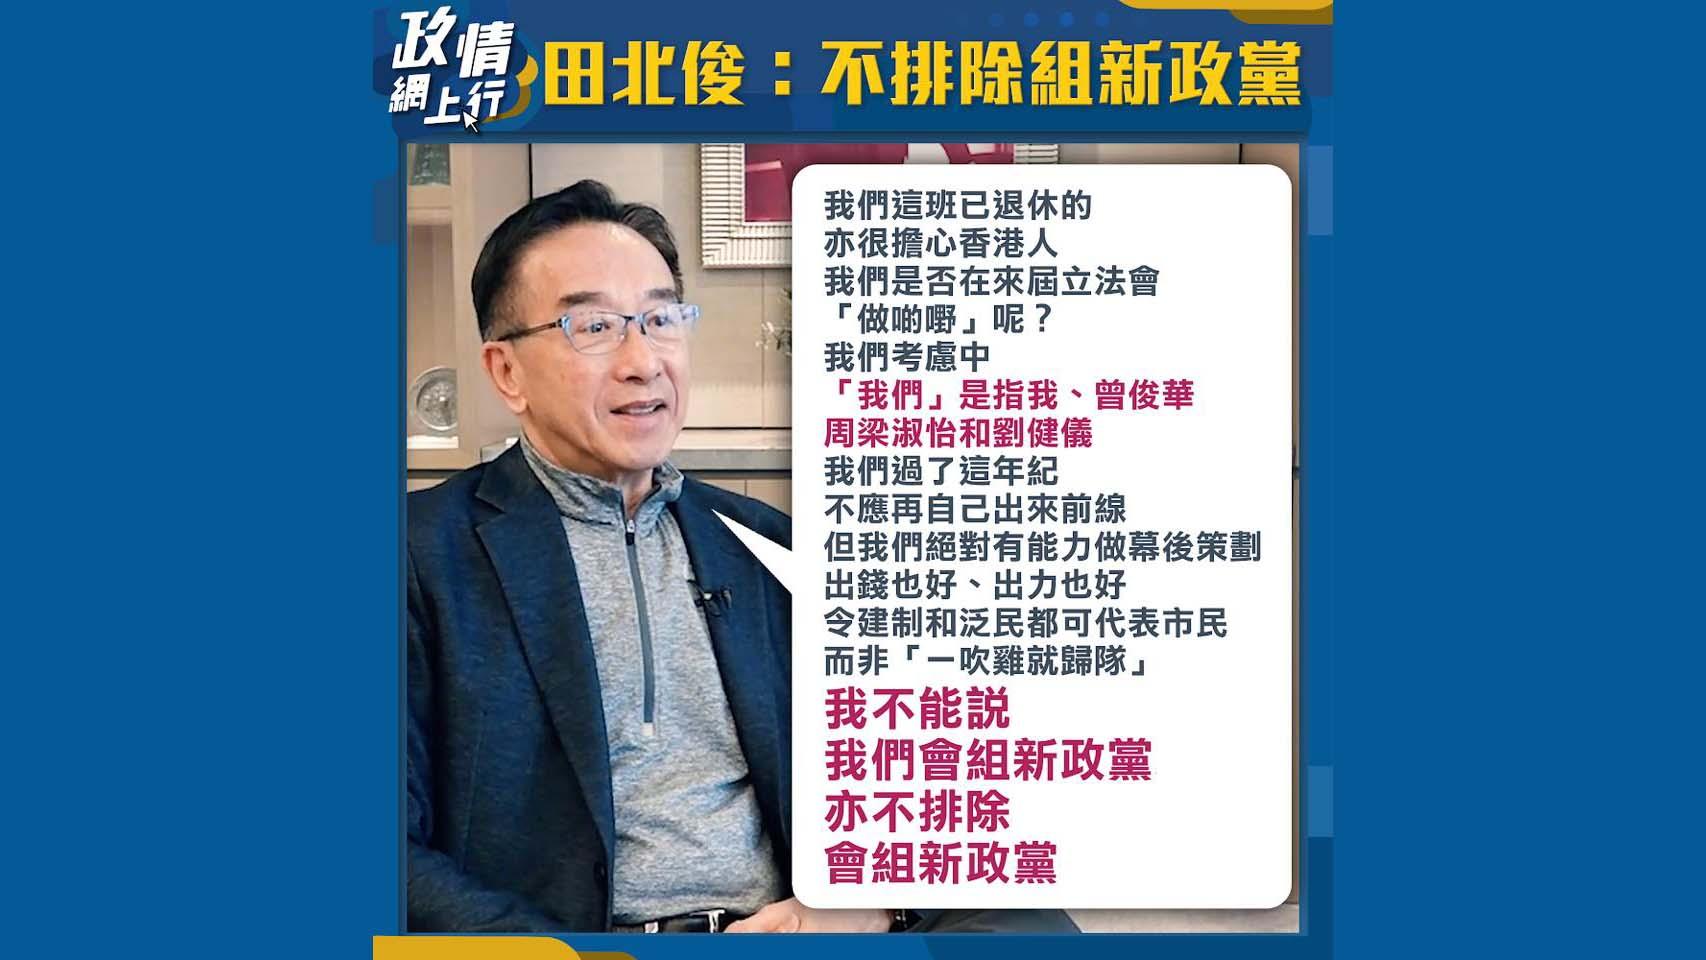 【政情網上行】田北俊:不排除組新政黨